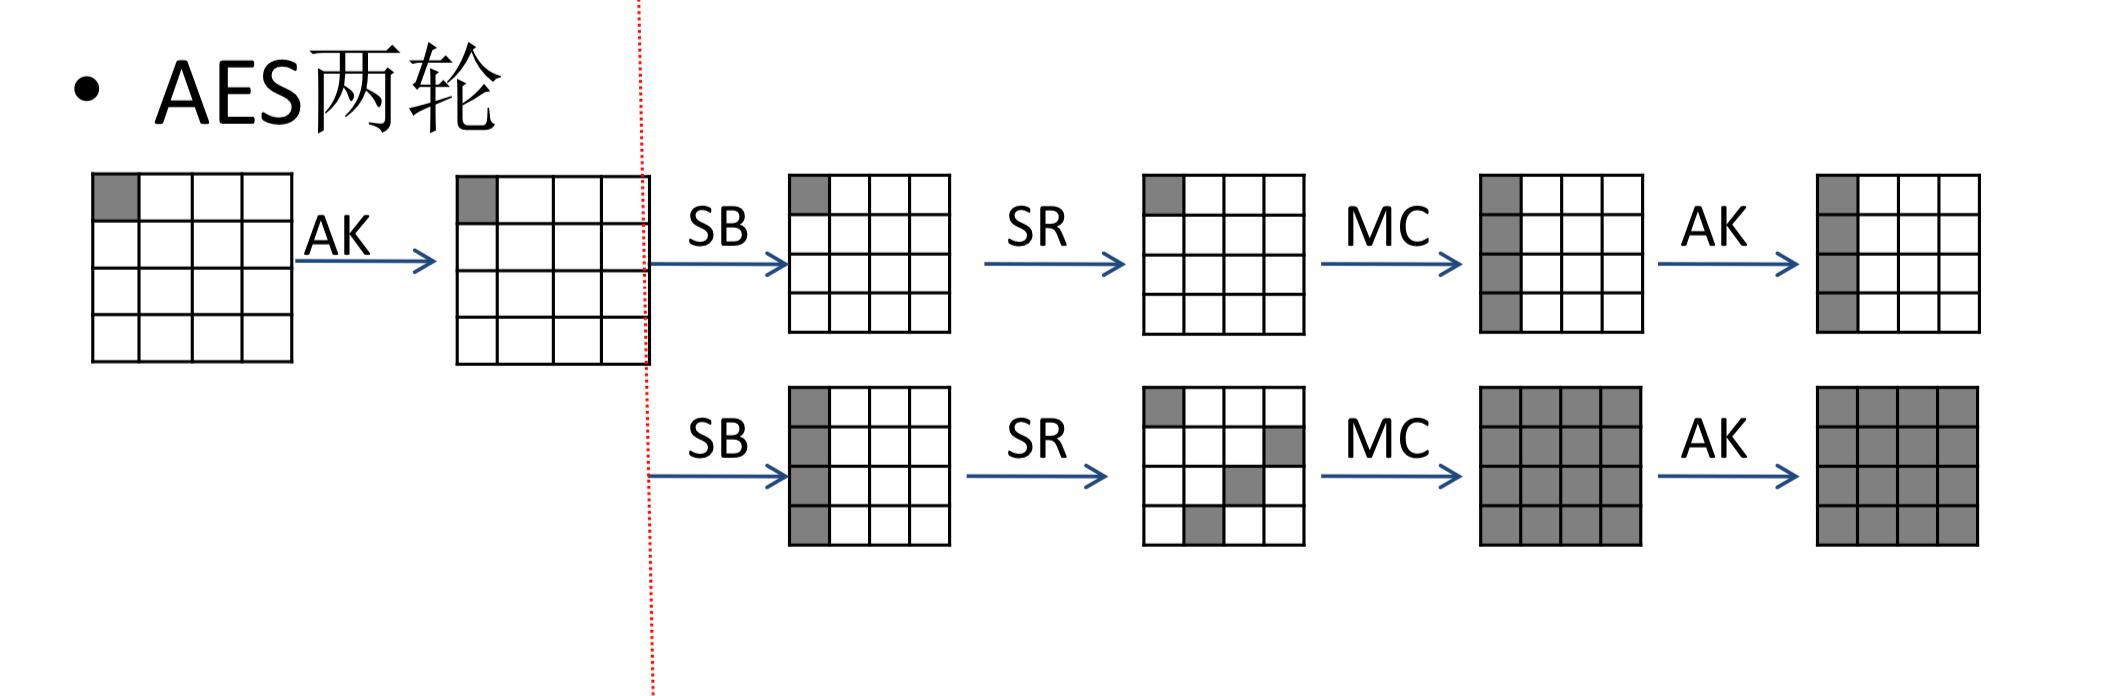 AES加密CBC模式的c語言實現 | Clang裁縫店